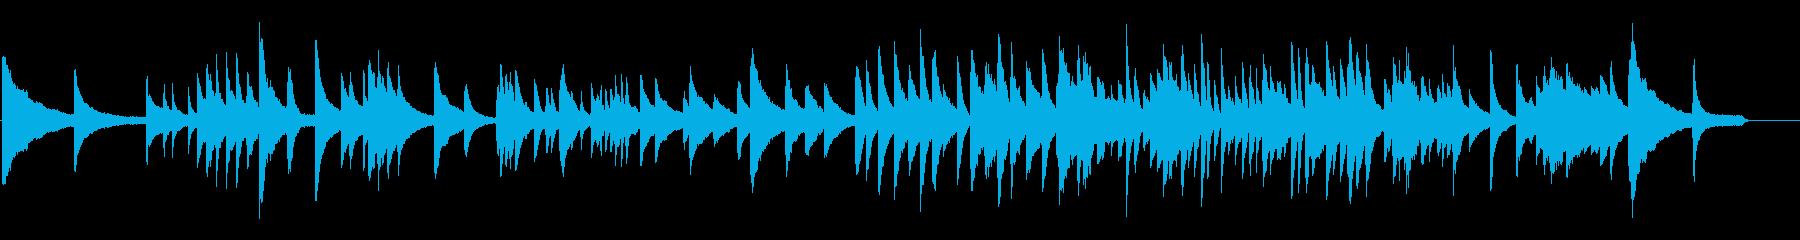 回想 空間を彩る 透明なピアノ音楽の再生済みの波形